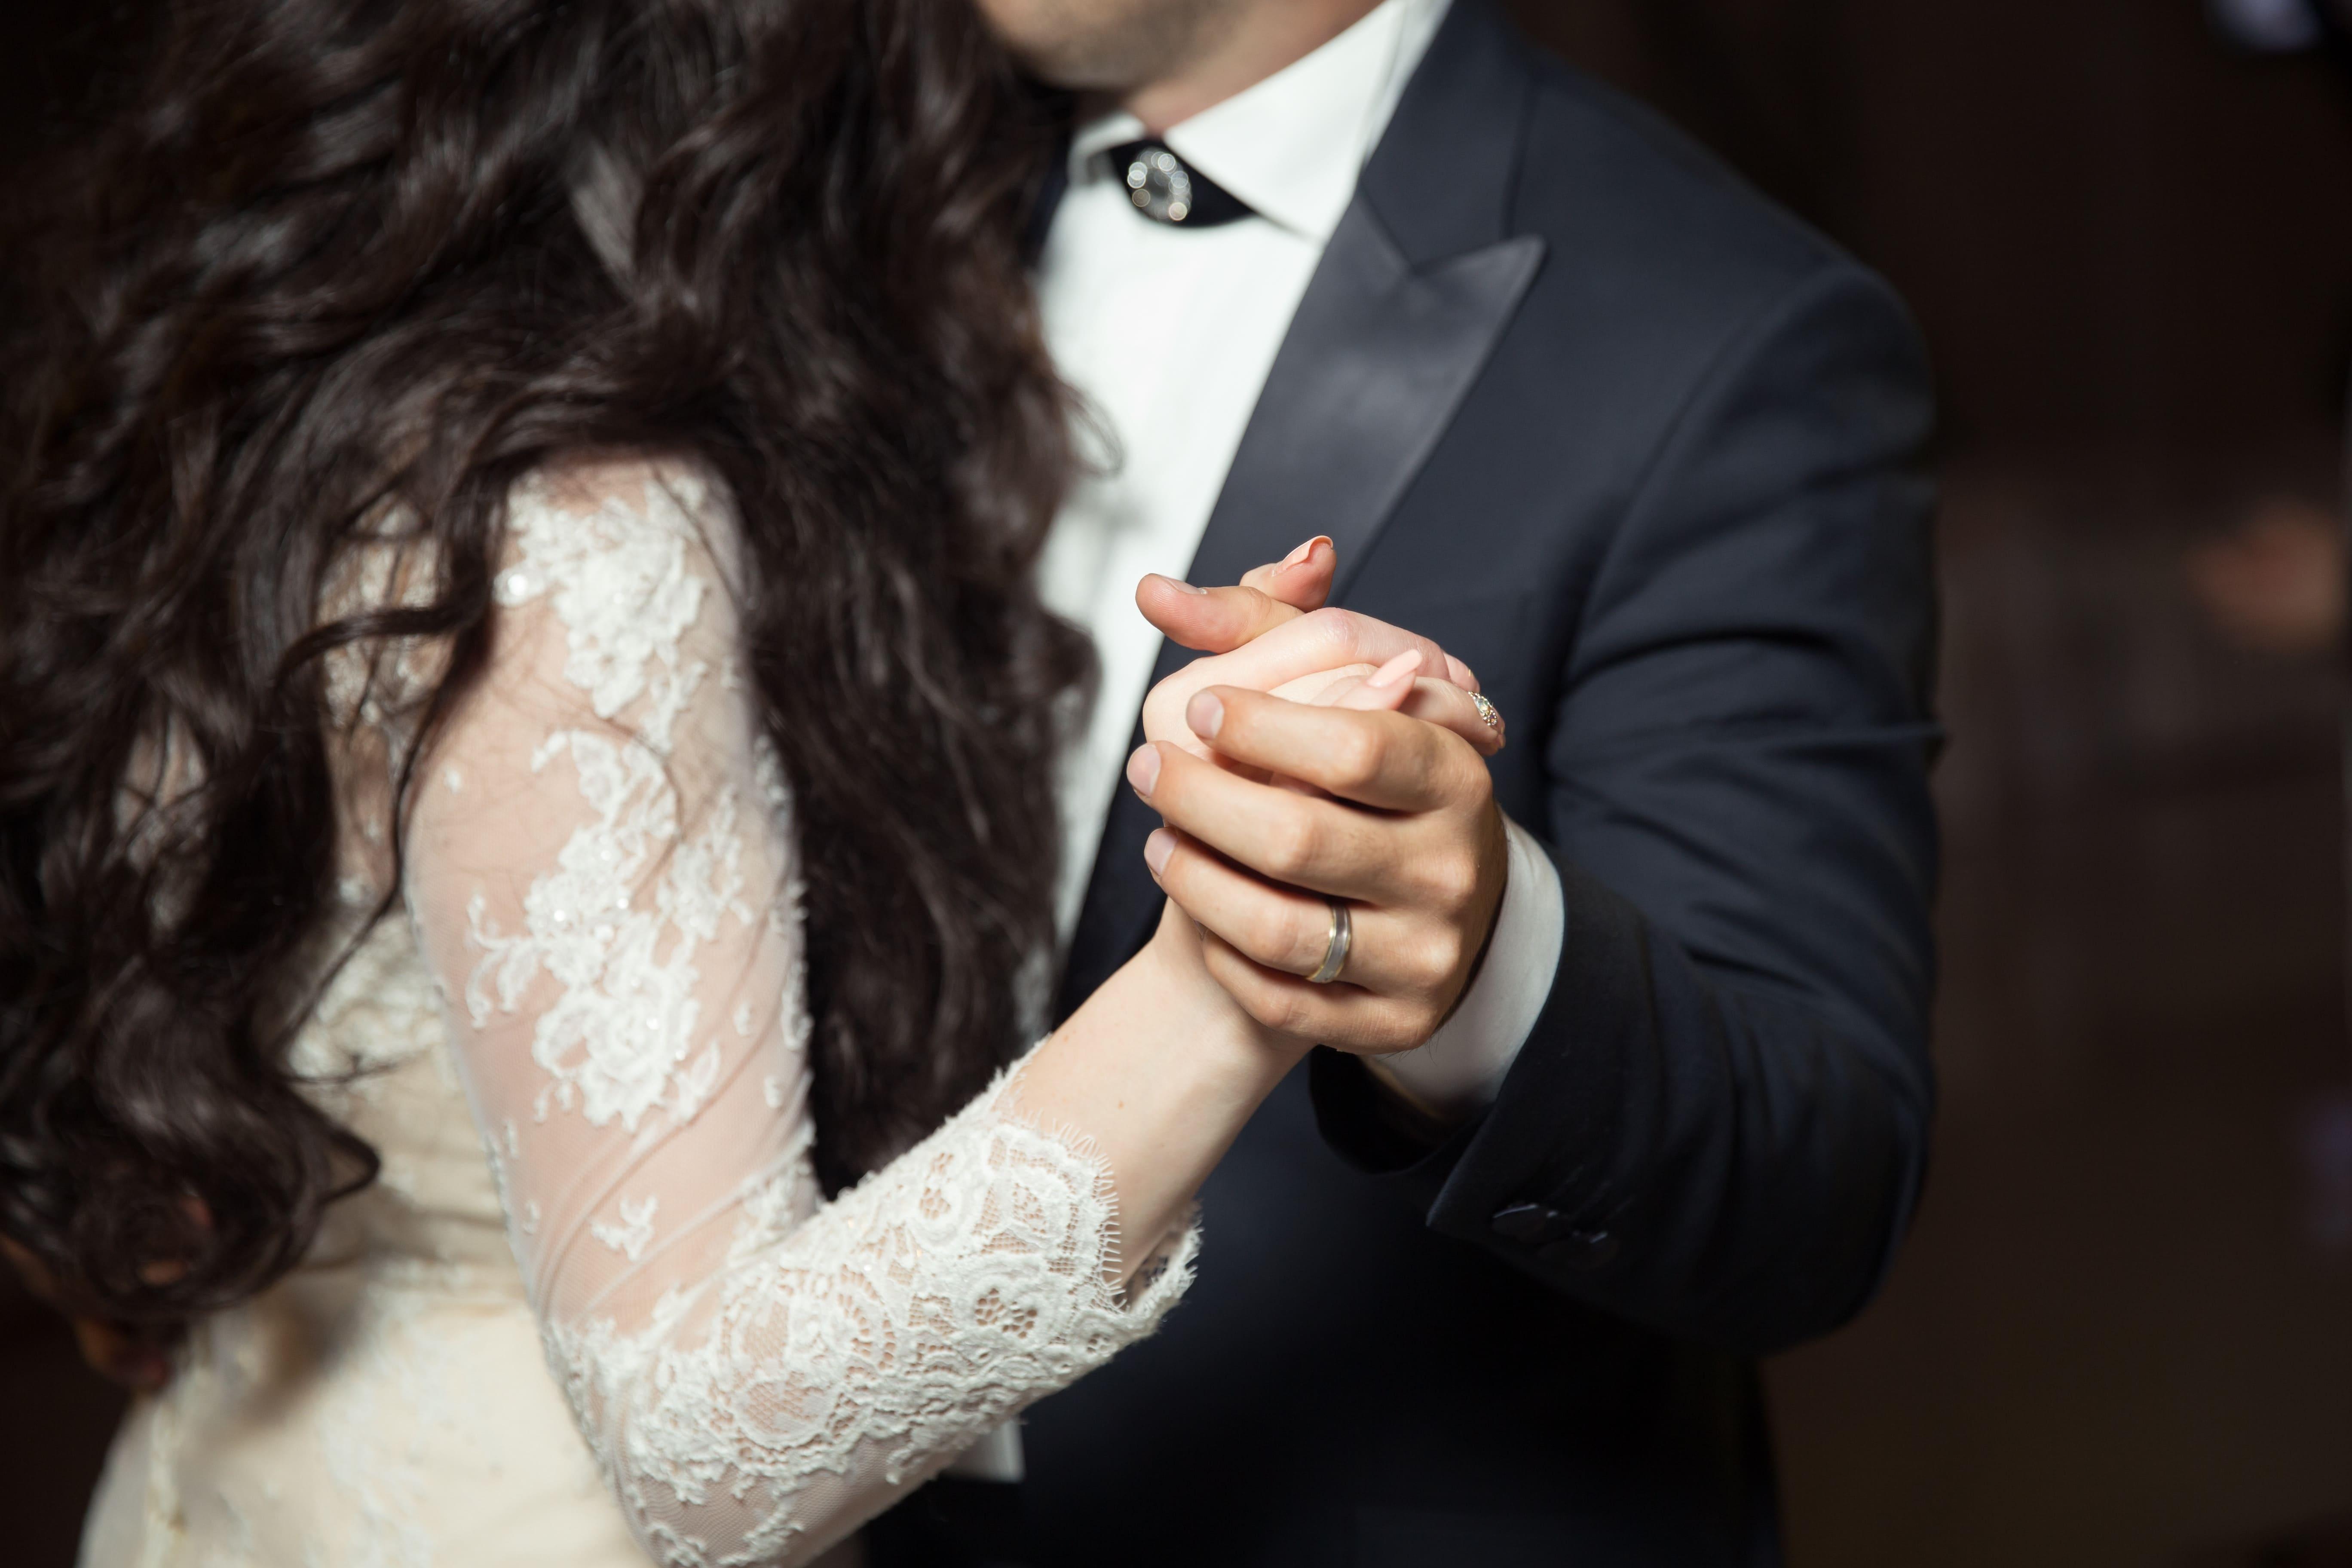 Eroffnungstanz Hochzeit Modern Die Schonsten Walzer Rumba